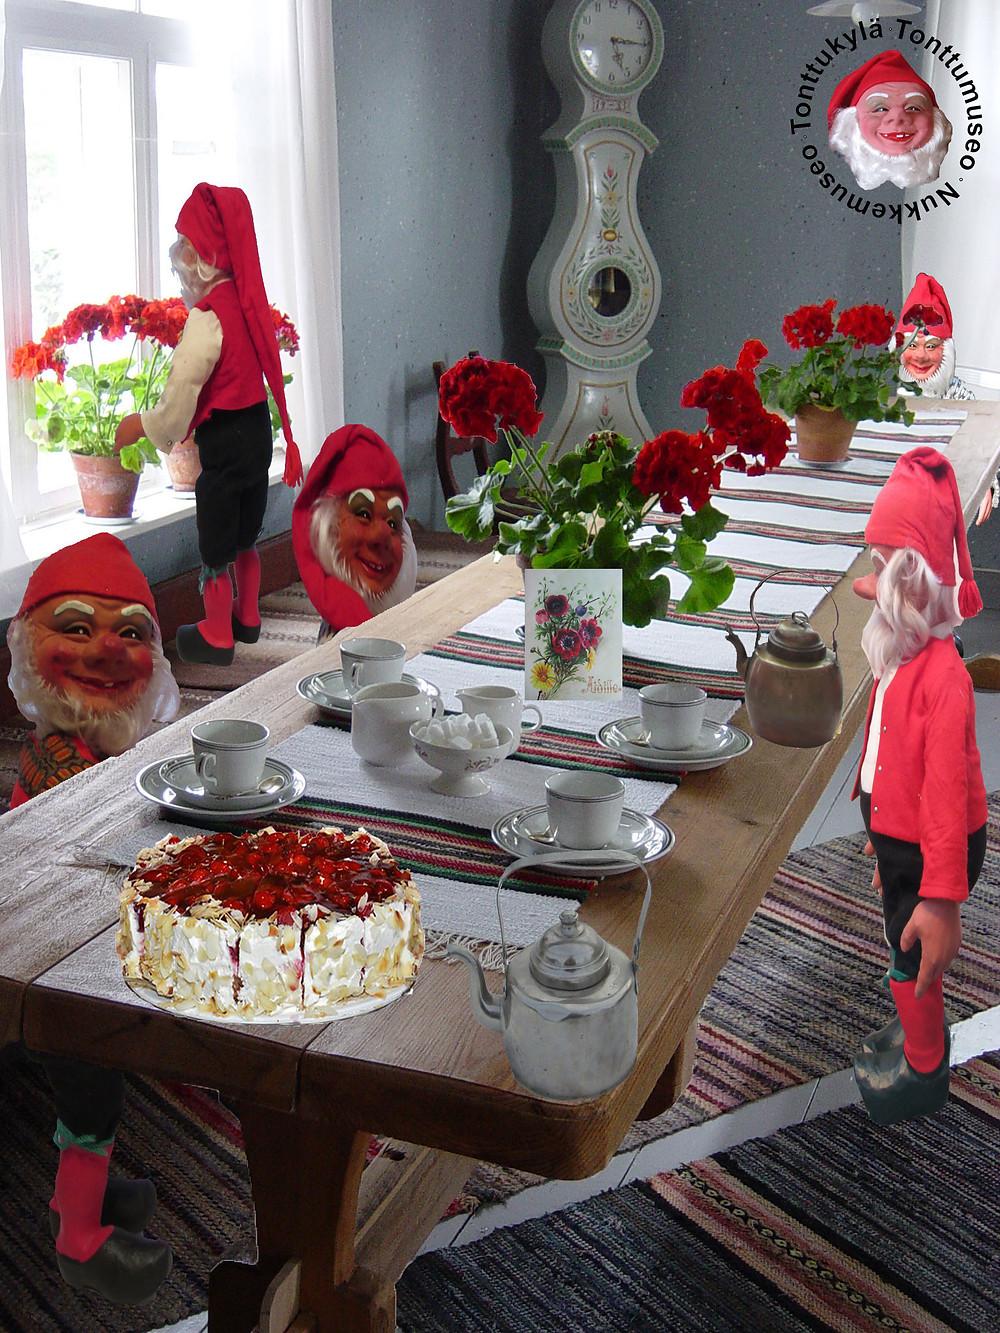 Kahvit, kakku, vanhatkahvikupit, lankkupöytä, kuparipannu, äitienpäiväkortti, räsymatot, kaappikello, Tonttukylä, Nukkemuseo, mummonmökki, elämämaalla,